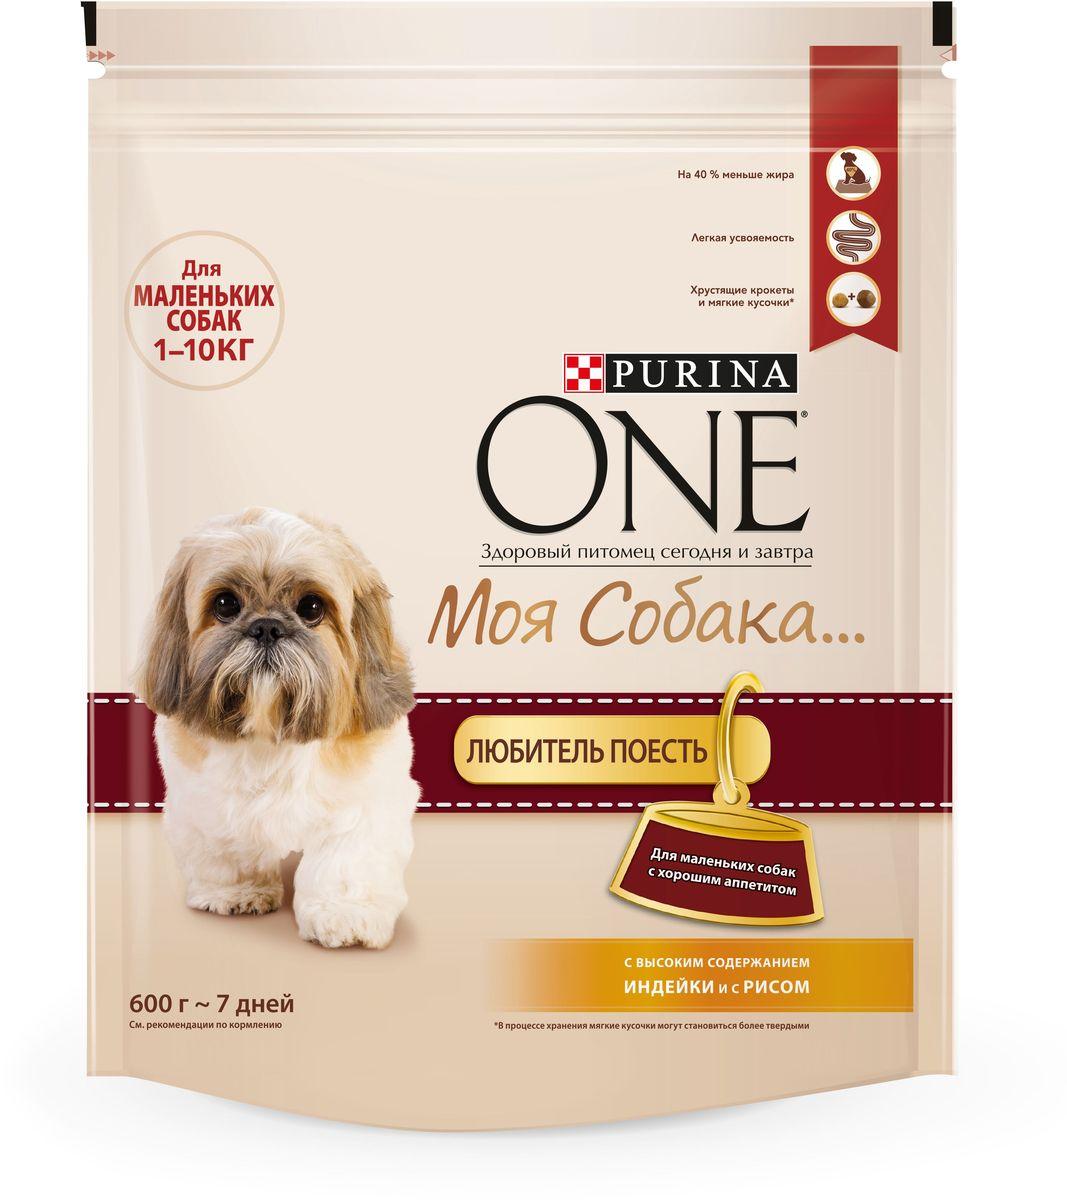 Корм сухой Purina One Моя Собака…Любитель поесть, с индейкой и рисом, 600 г57920Вкусное сочетание хрустящих крокетов и мягких кусочков с высоким содержанием индейки, содержит на 40% меньше жира, чем в корме для взрослых собак PURINA ONE® для снижения потребляемых калорий и поддержания оптимального веса. Начните кормить вашего любимца кормом PURINA ONE® Моя Собака...и оцените видимый результат улучшения его здоровья. МЕ/кг: витамин А: 30 000; витамин D3:1 000; витамин E: 600. Мг/кг: витамин С: 140; железо: 69; йод: 1,7; медь: 10; марганец: 32; цинк: 130; селен: 0,11. Белок: 27,0%, Жир: 10,0%, Сырая зола: 8,0%, Сырая клетчатка: 2,5%.